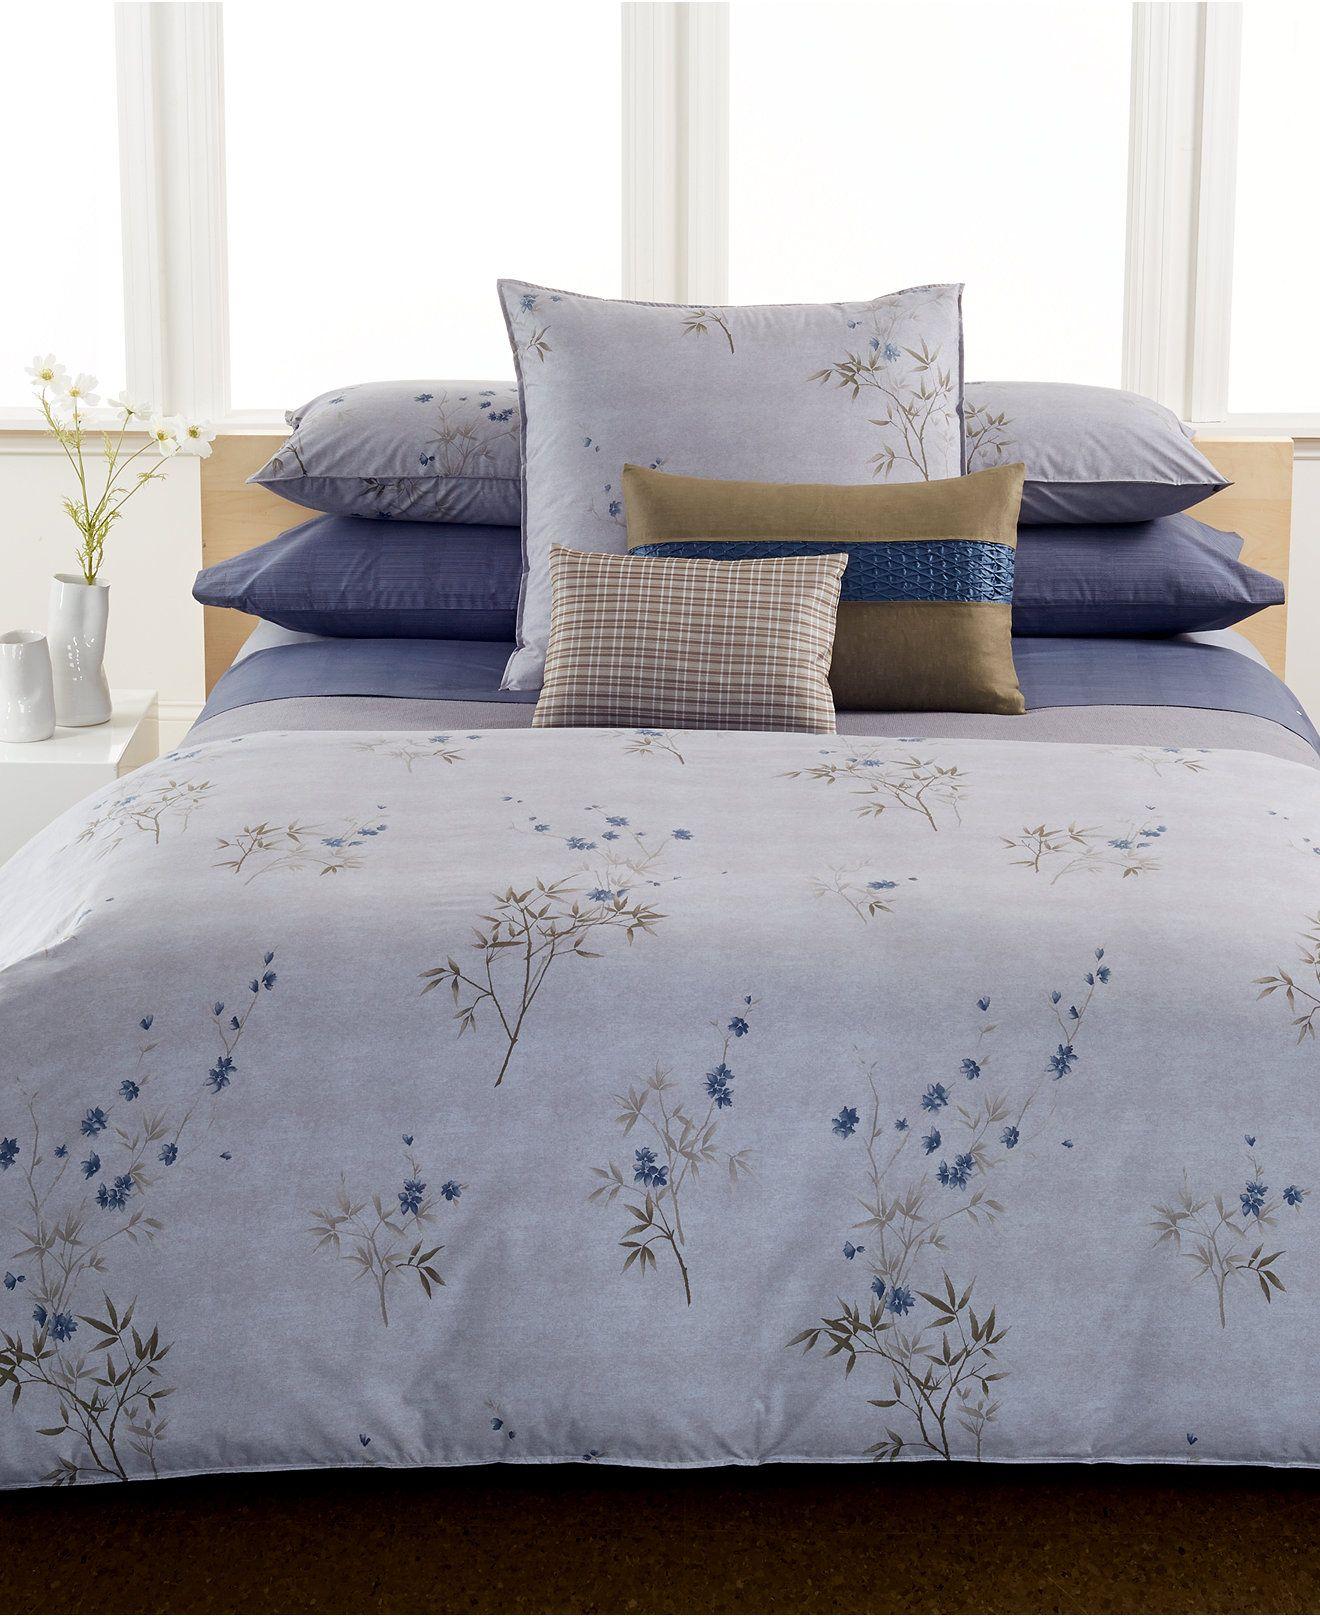 Calvin Klein Bamboo Flowers Full/Queen Comforter | Edredones de cama ...